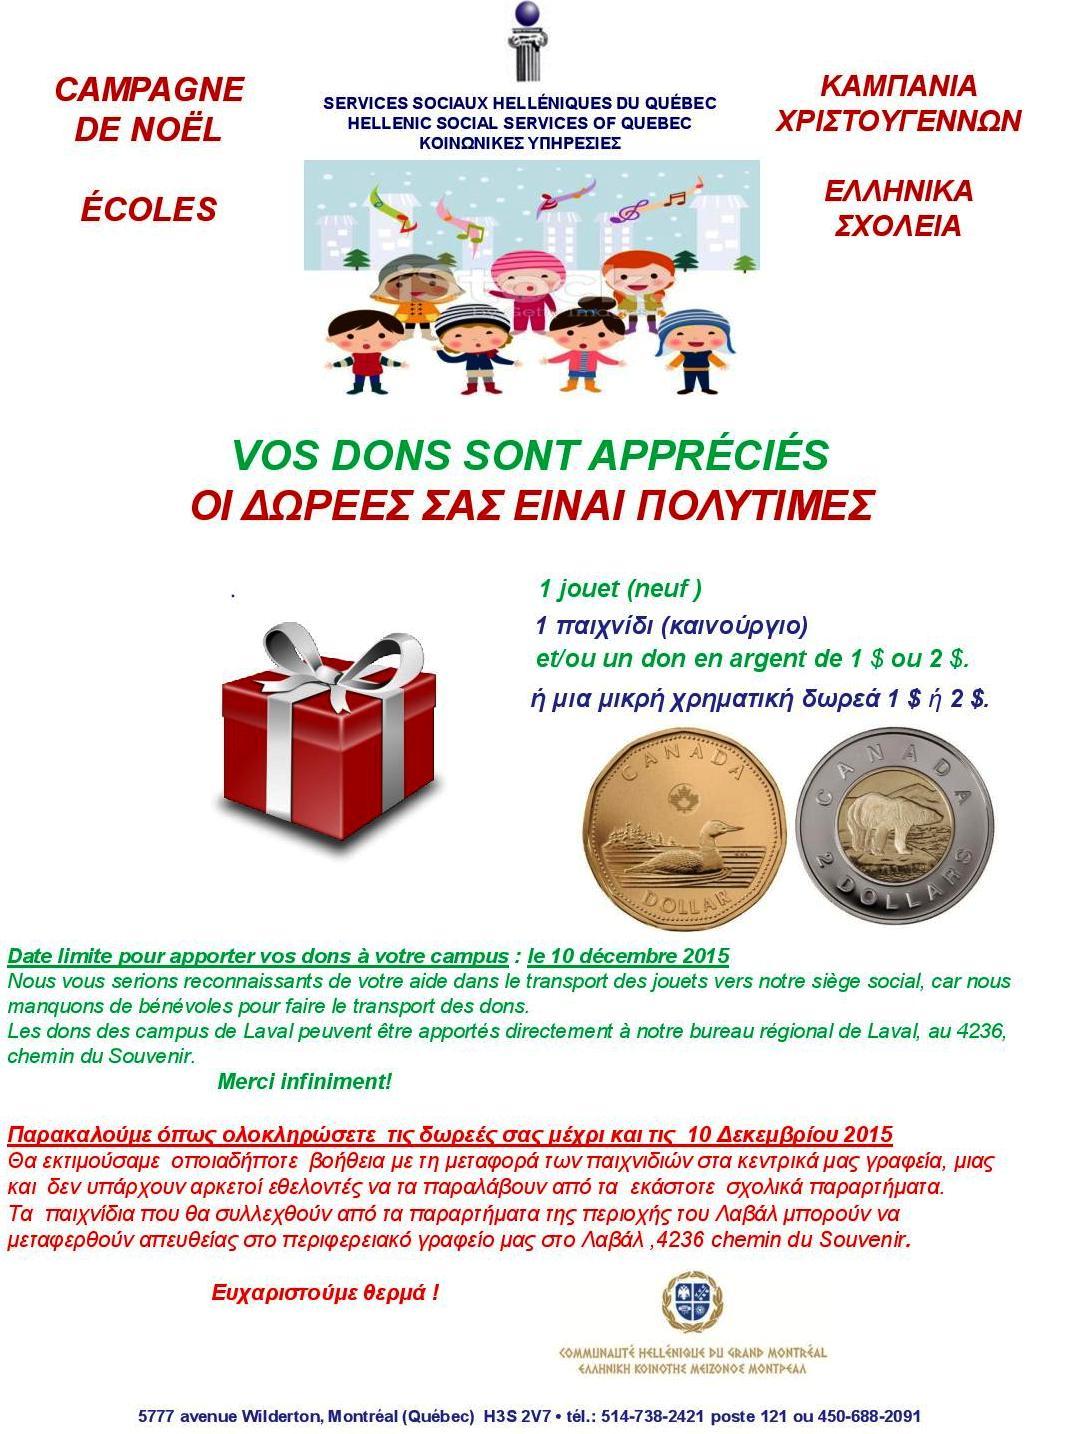 Γιορτάζοντας τα Χριστούγεννα με τις ελληνικές Κοινωνικές Υπηρεσίες